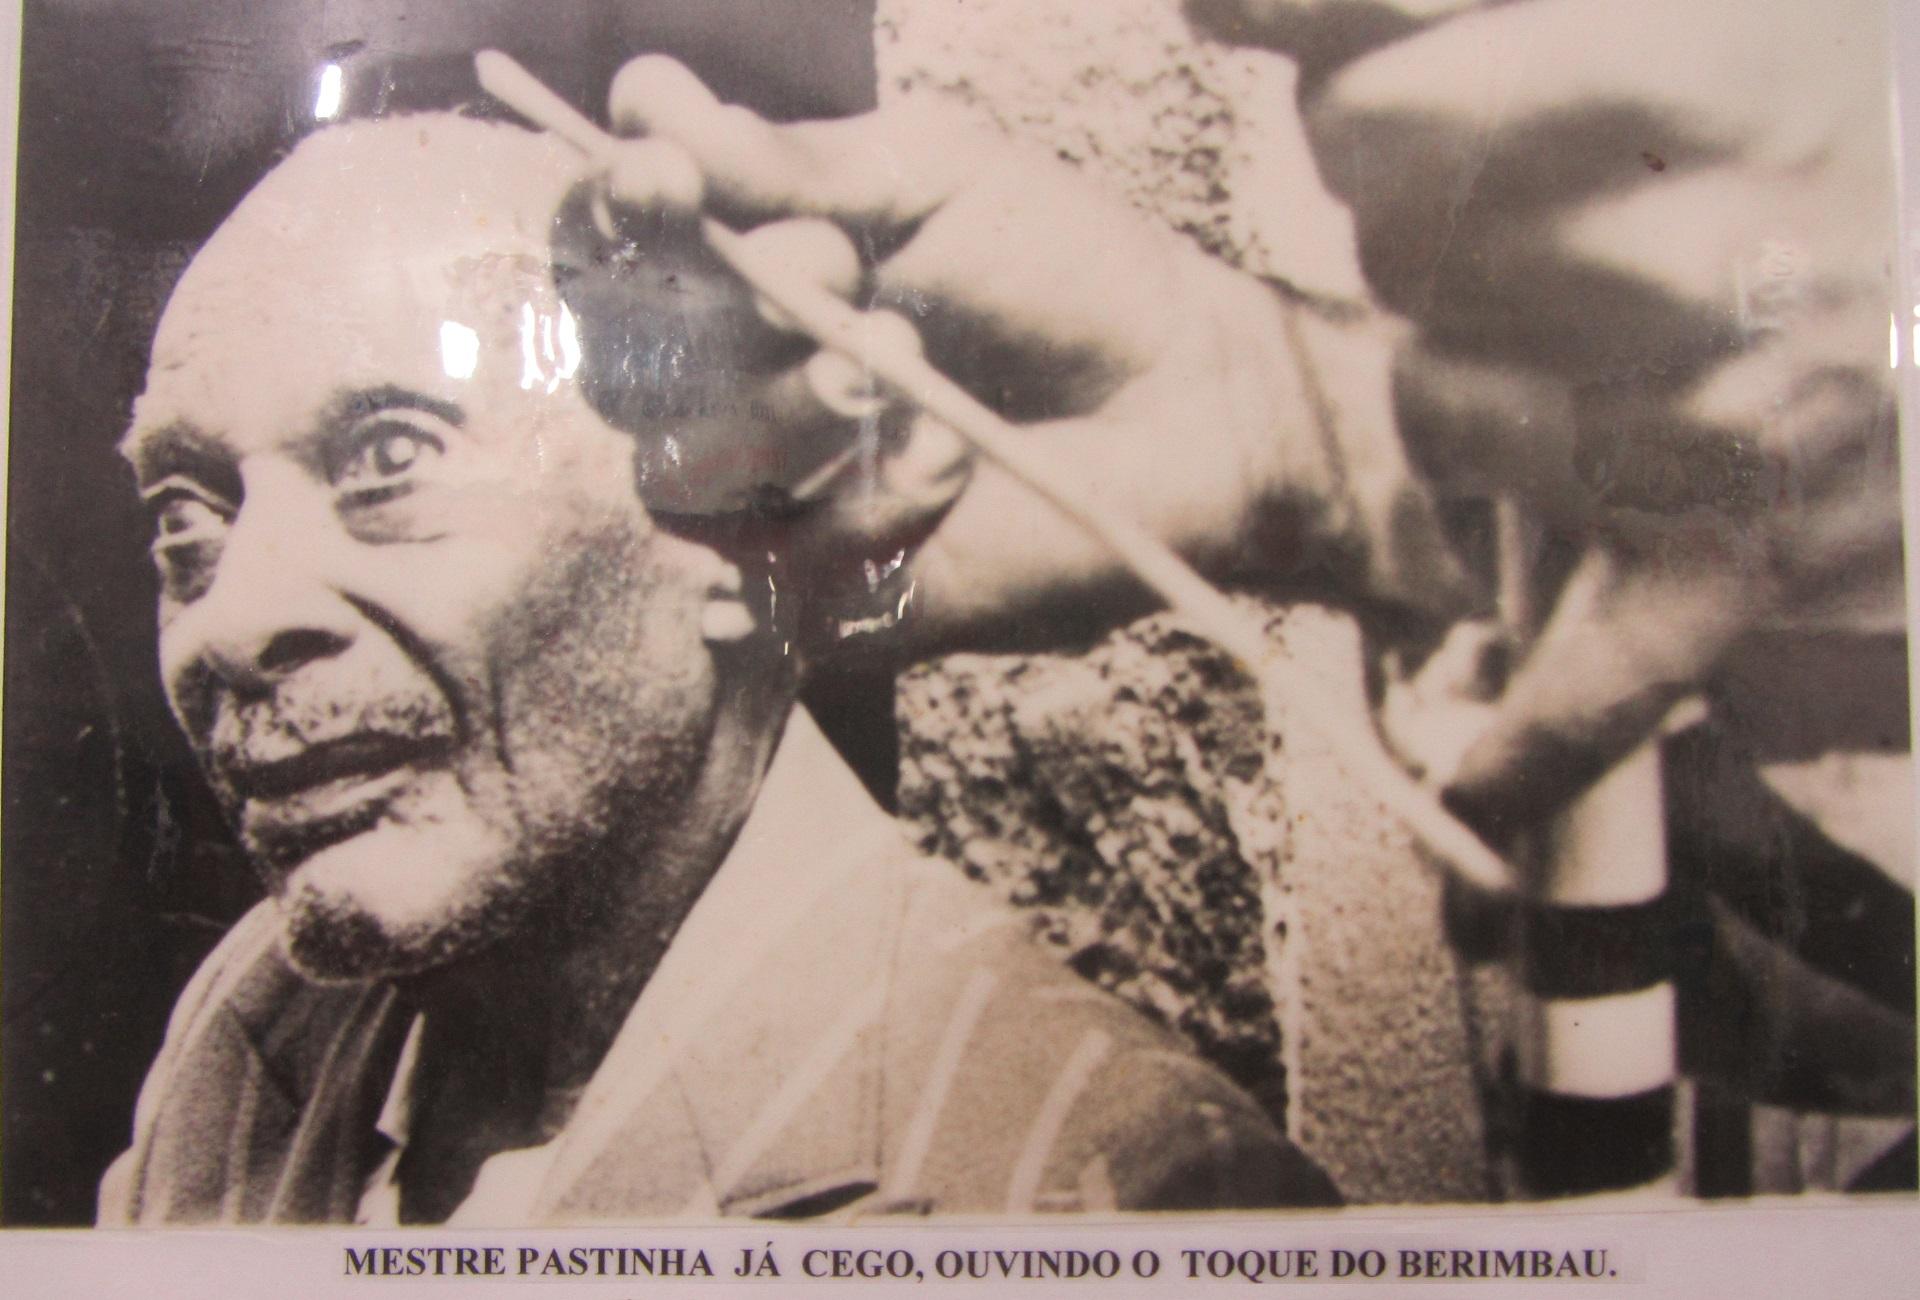 Основы понимания и обучения капоэйре, Пашинья об очучении капоэйре ангола